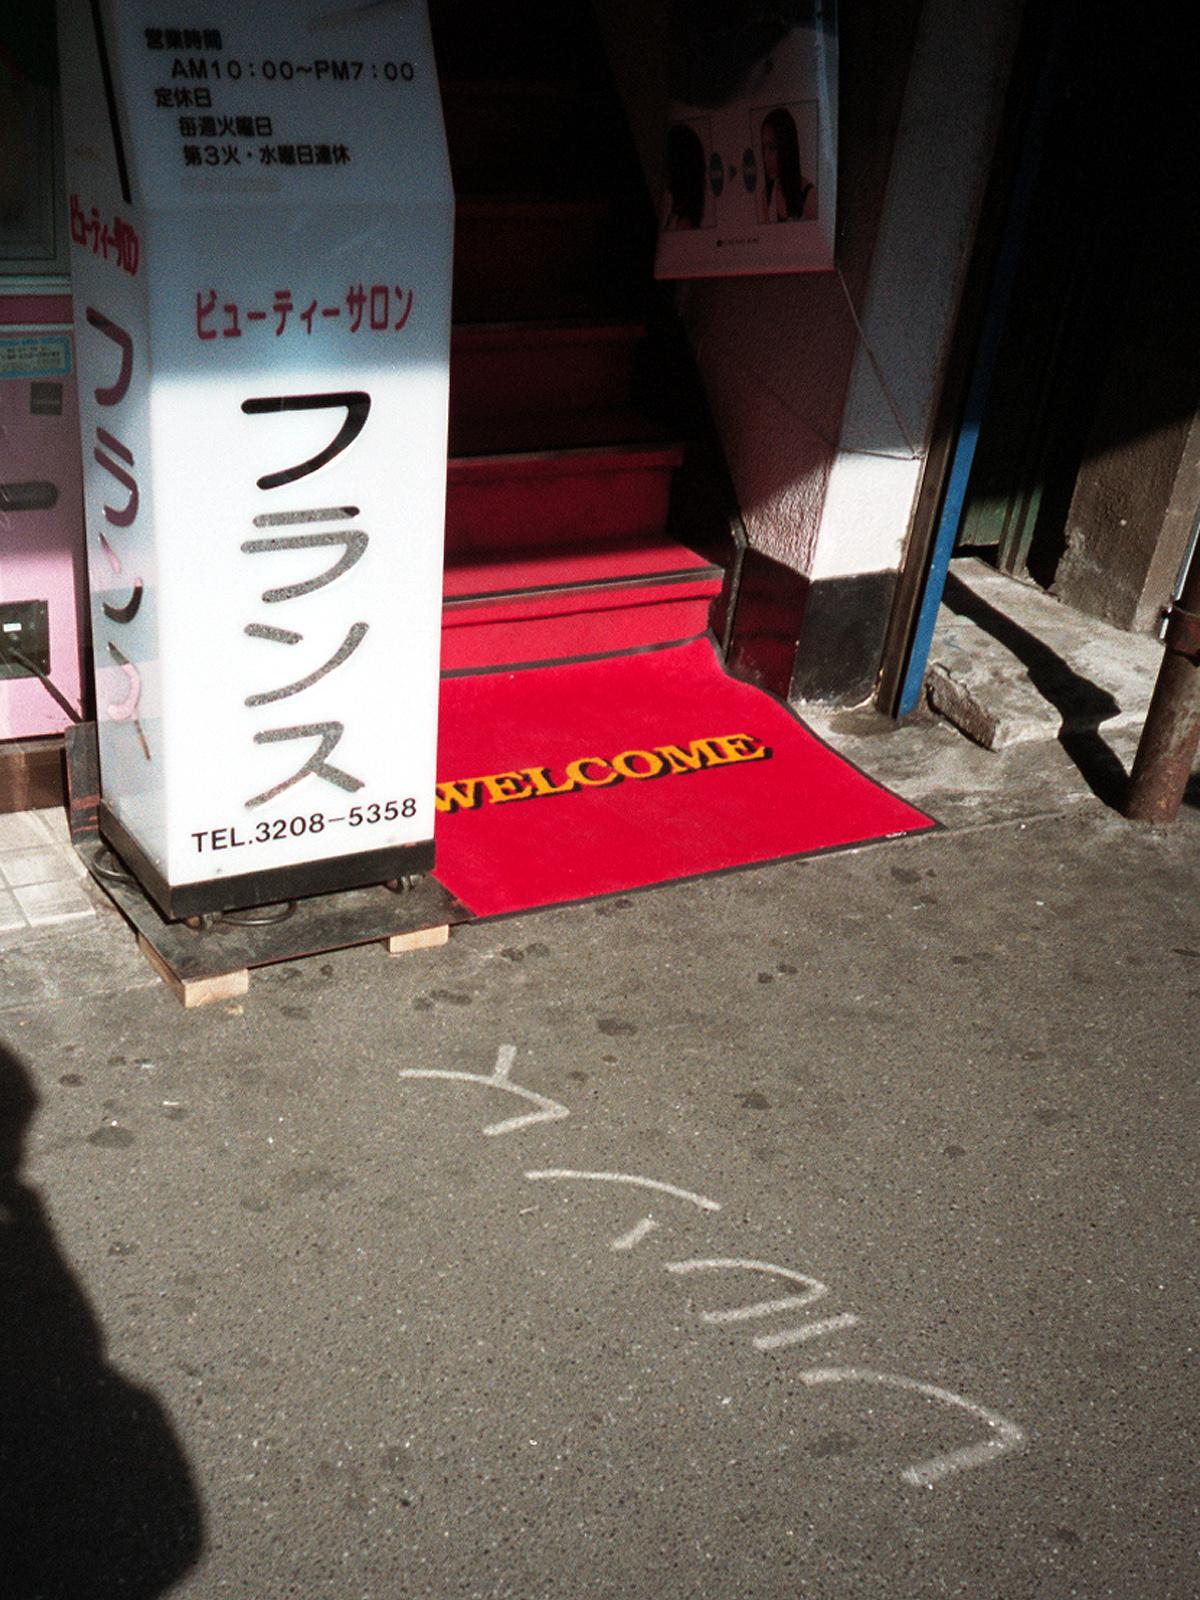 053 高田馬場の路地にフランス 新宿区高田馬場2-8-24 20010210(2001.02.10)